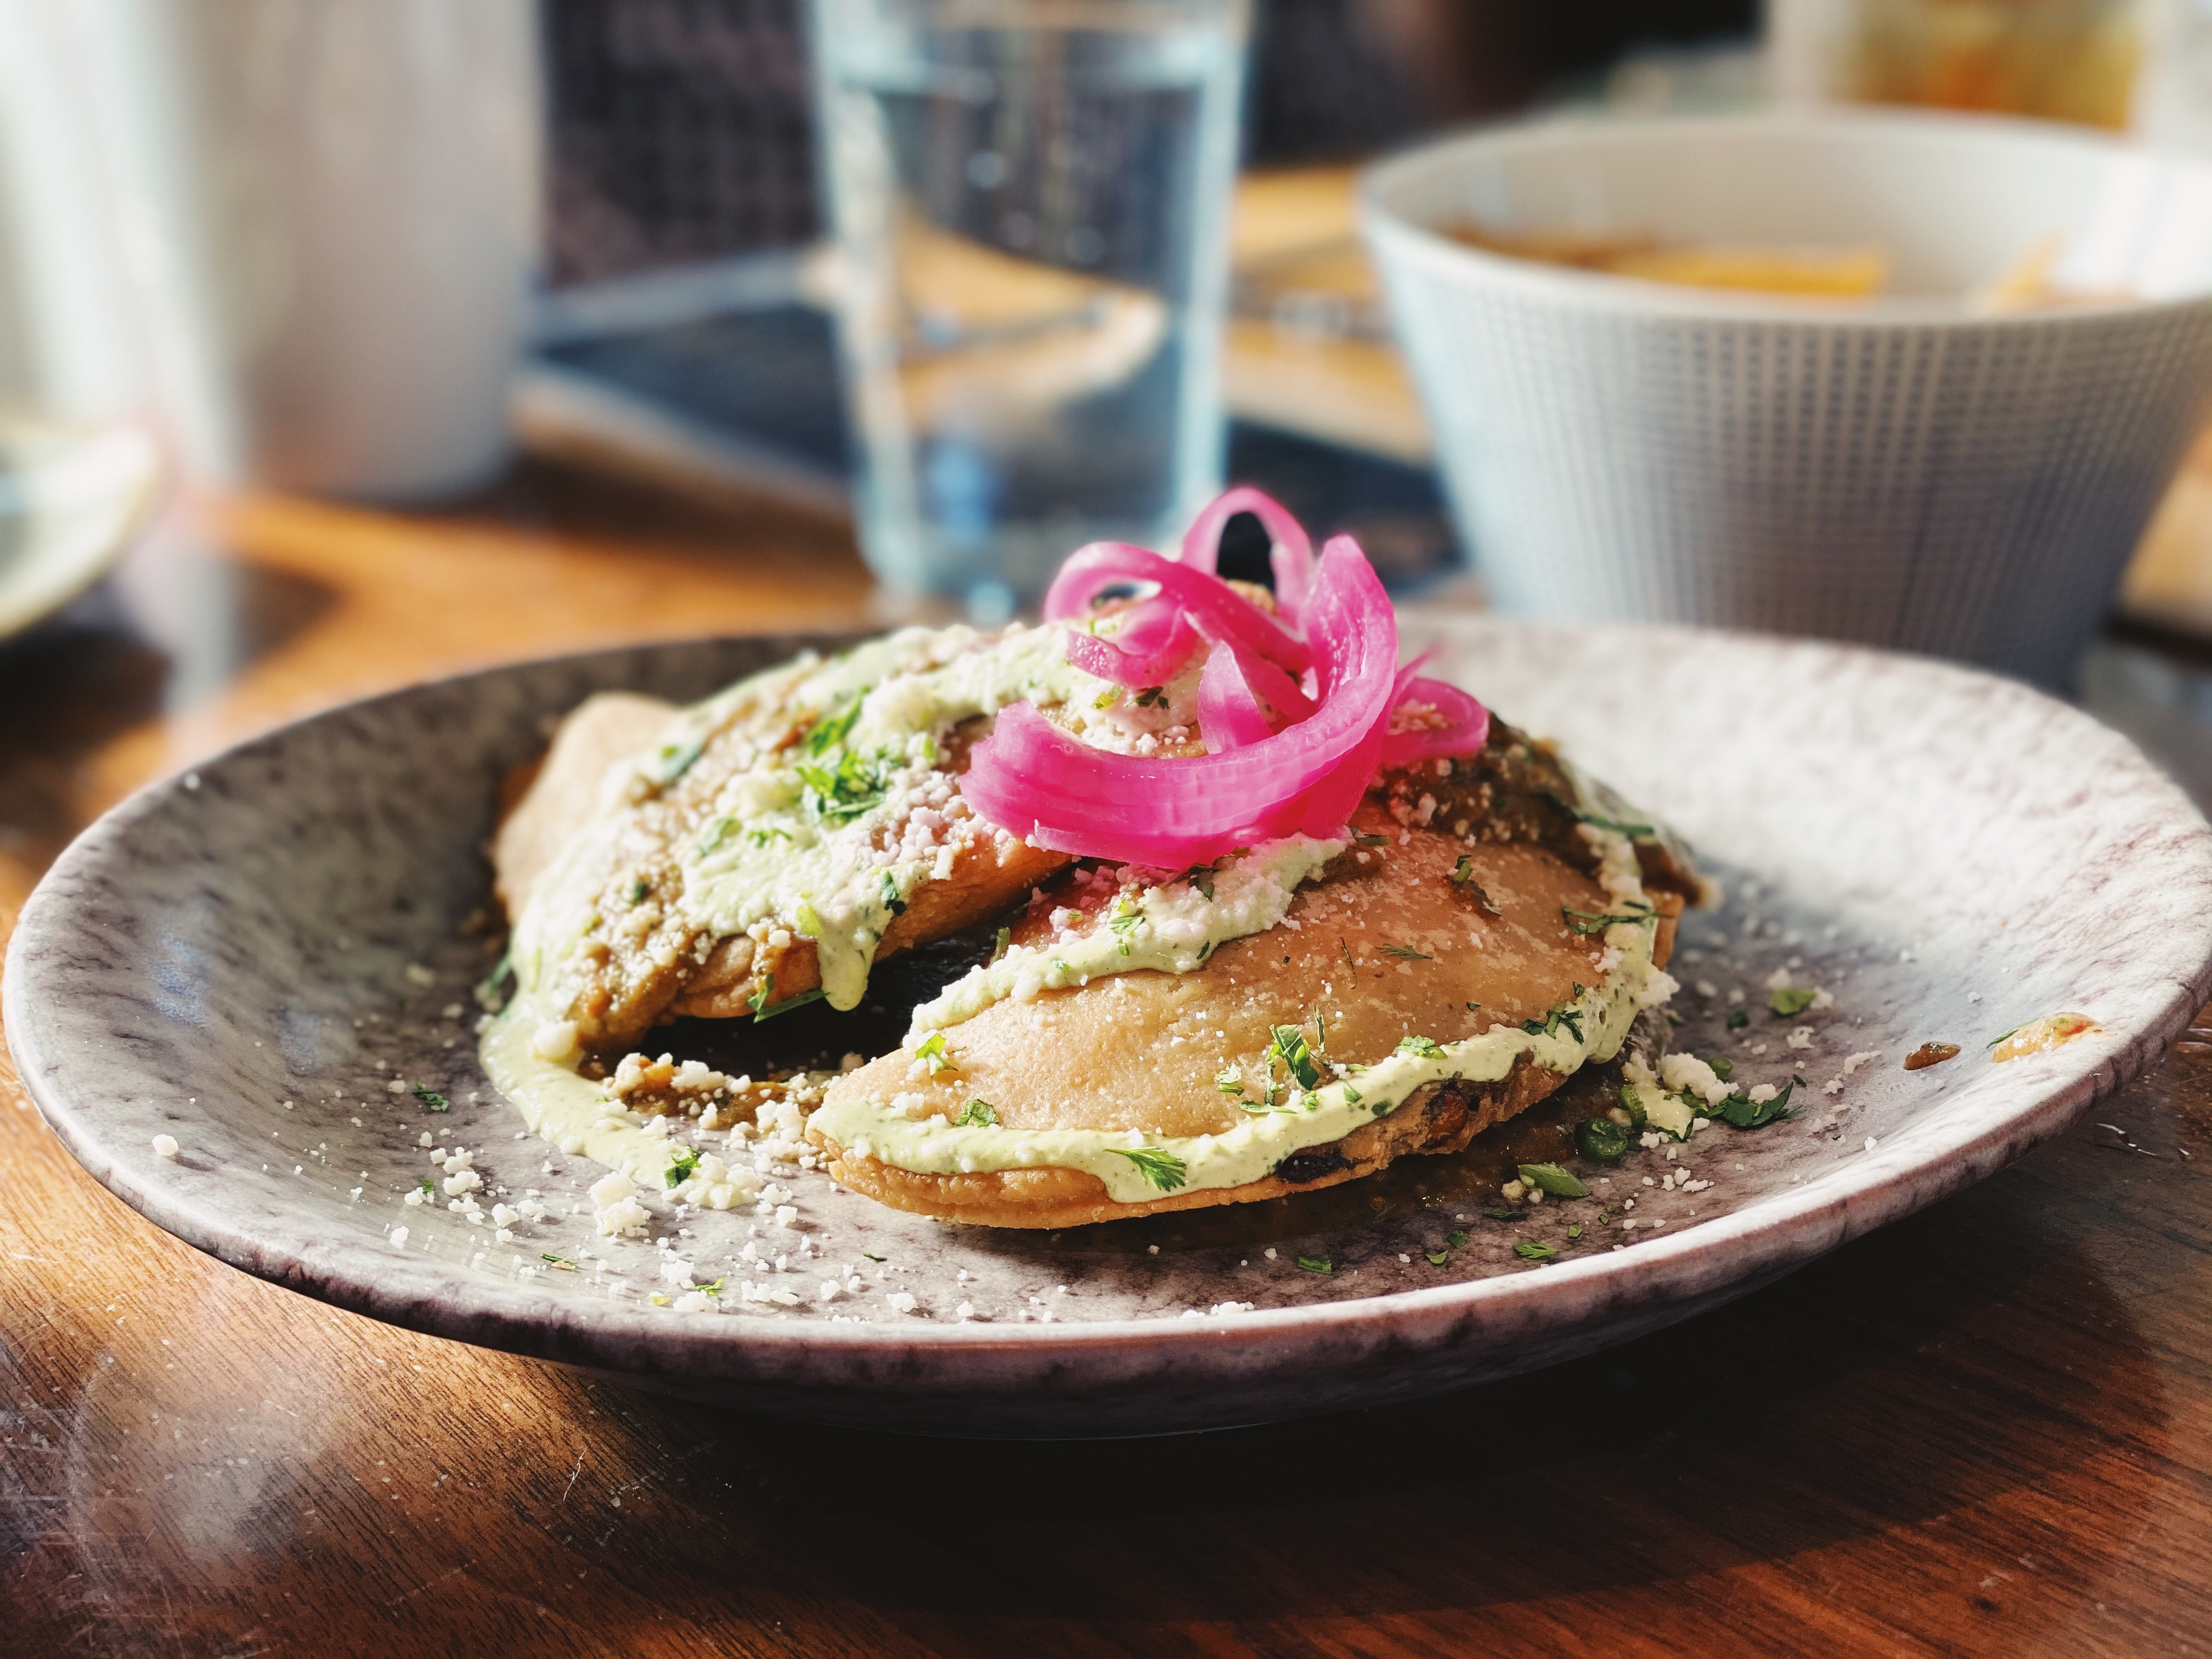 An earthenware plate with empanadas